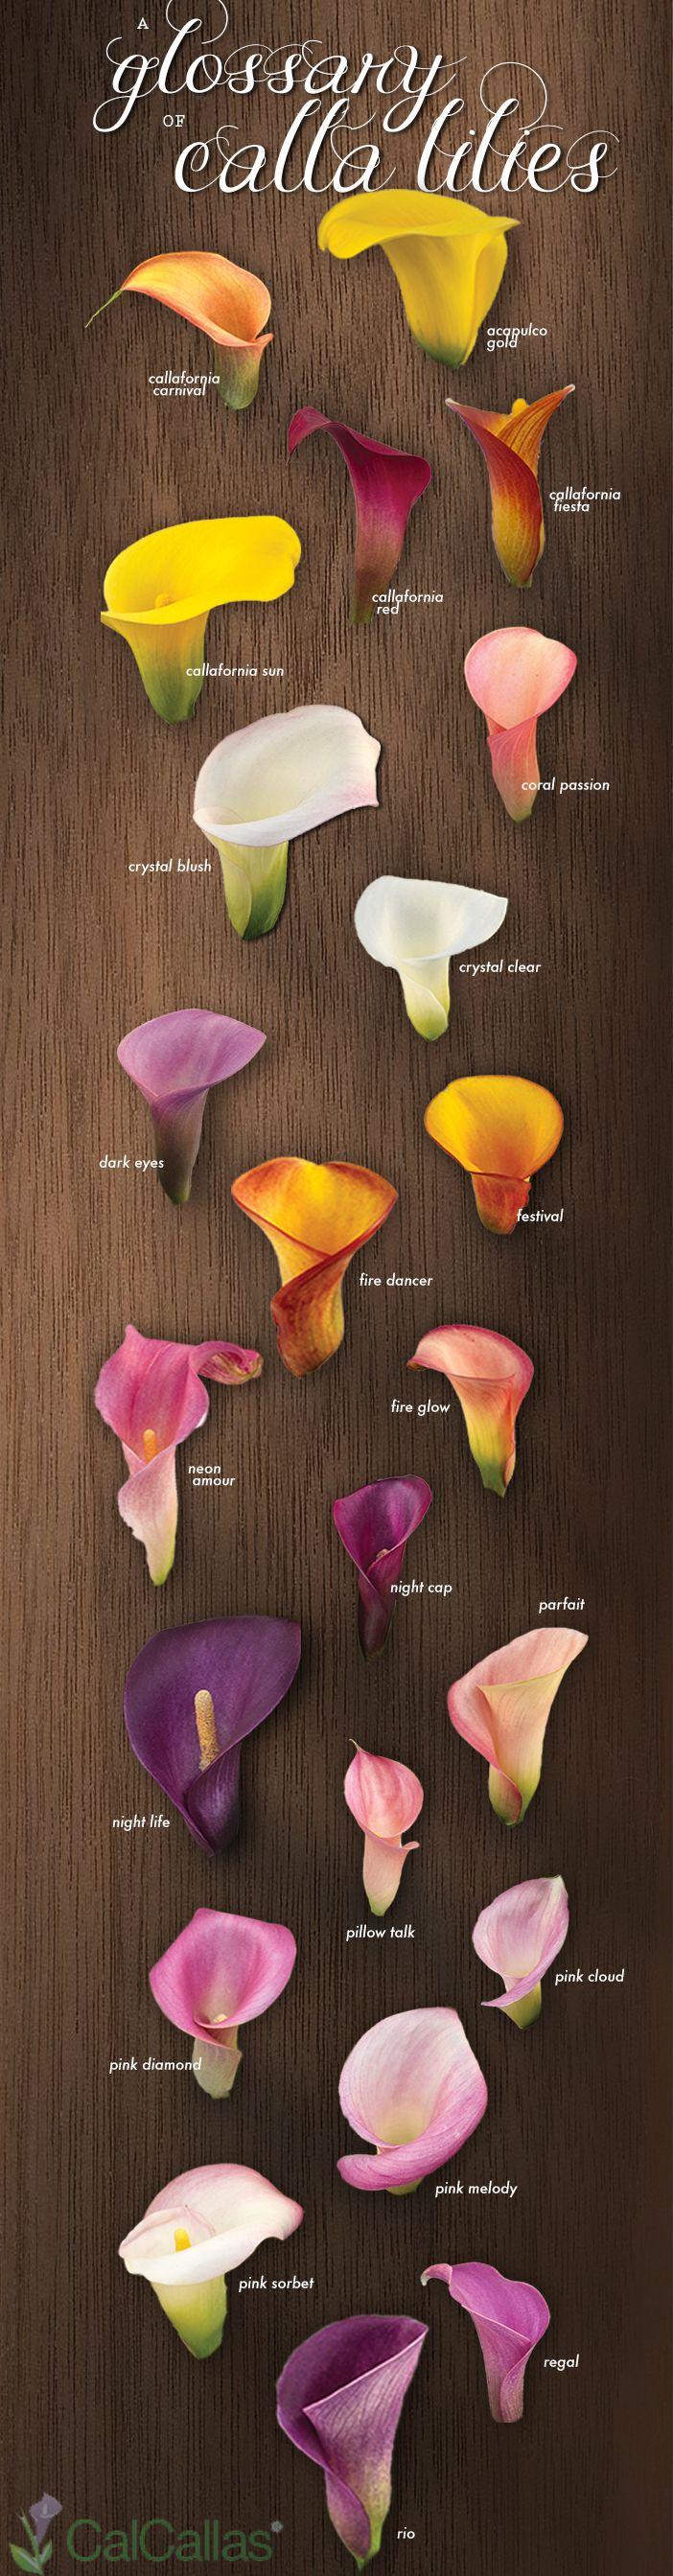 Nu uita sa te abonezi pentru mai multe imagini cu flori